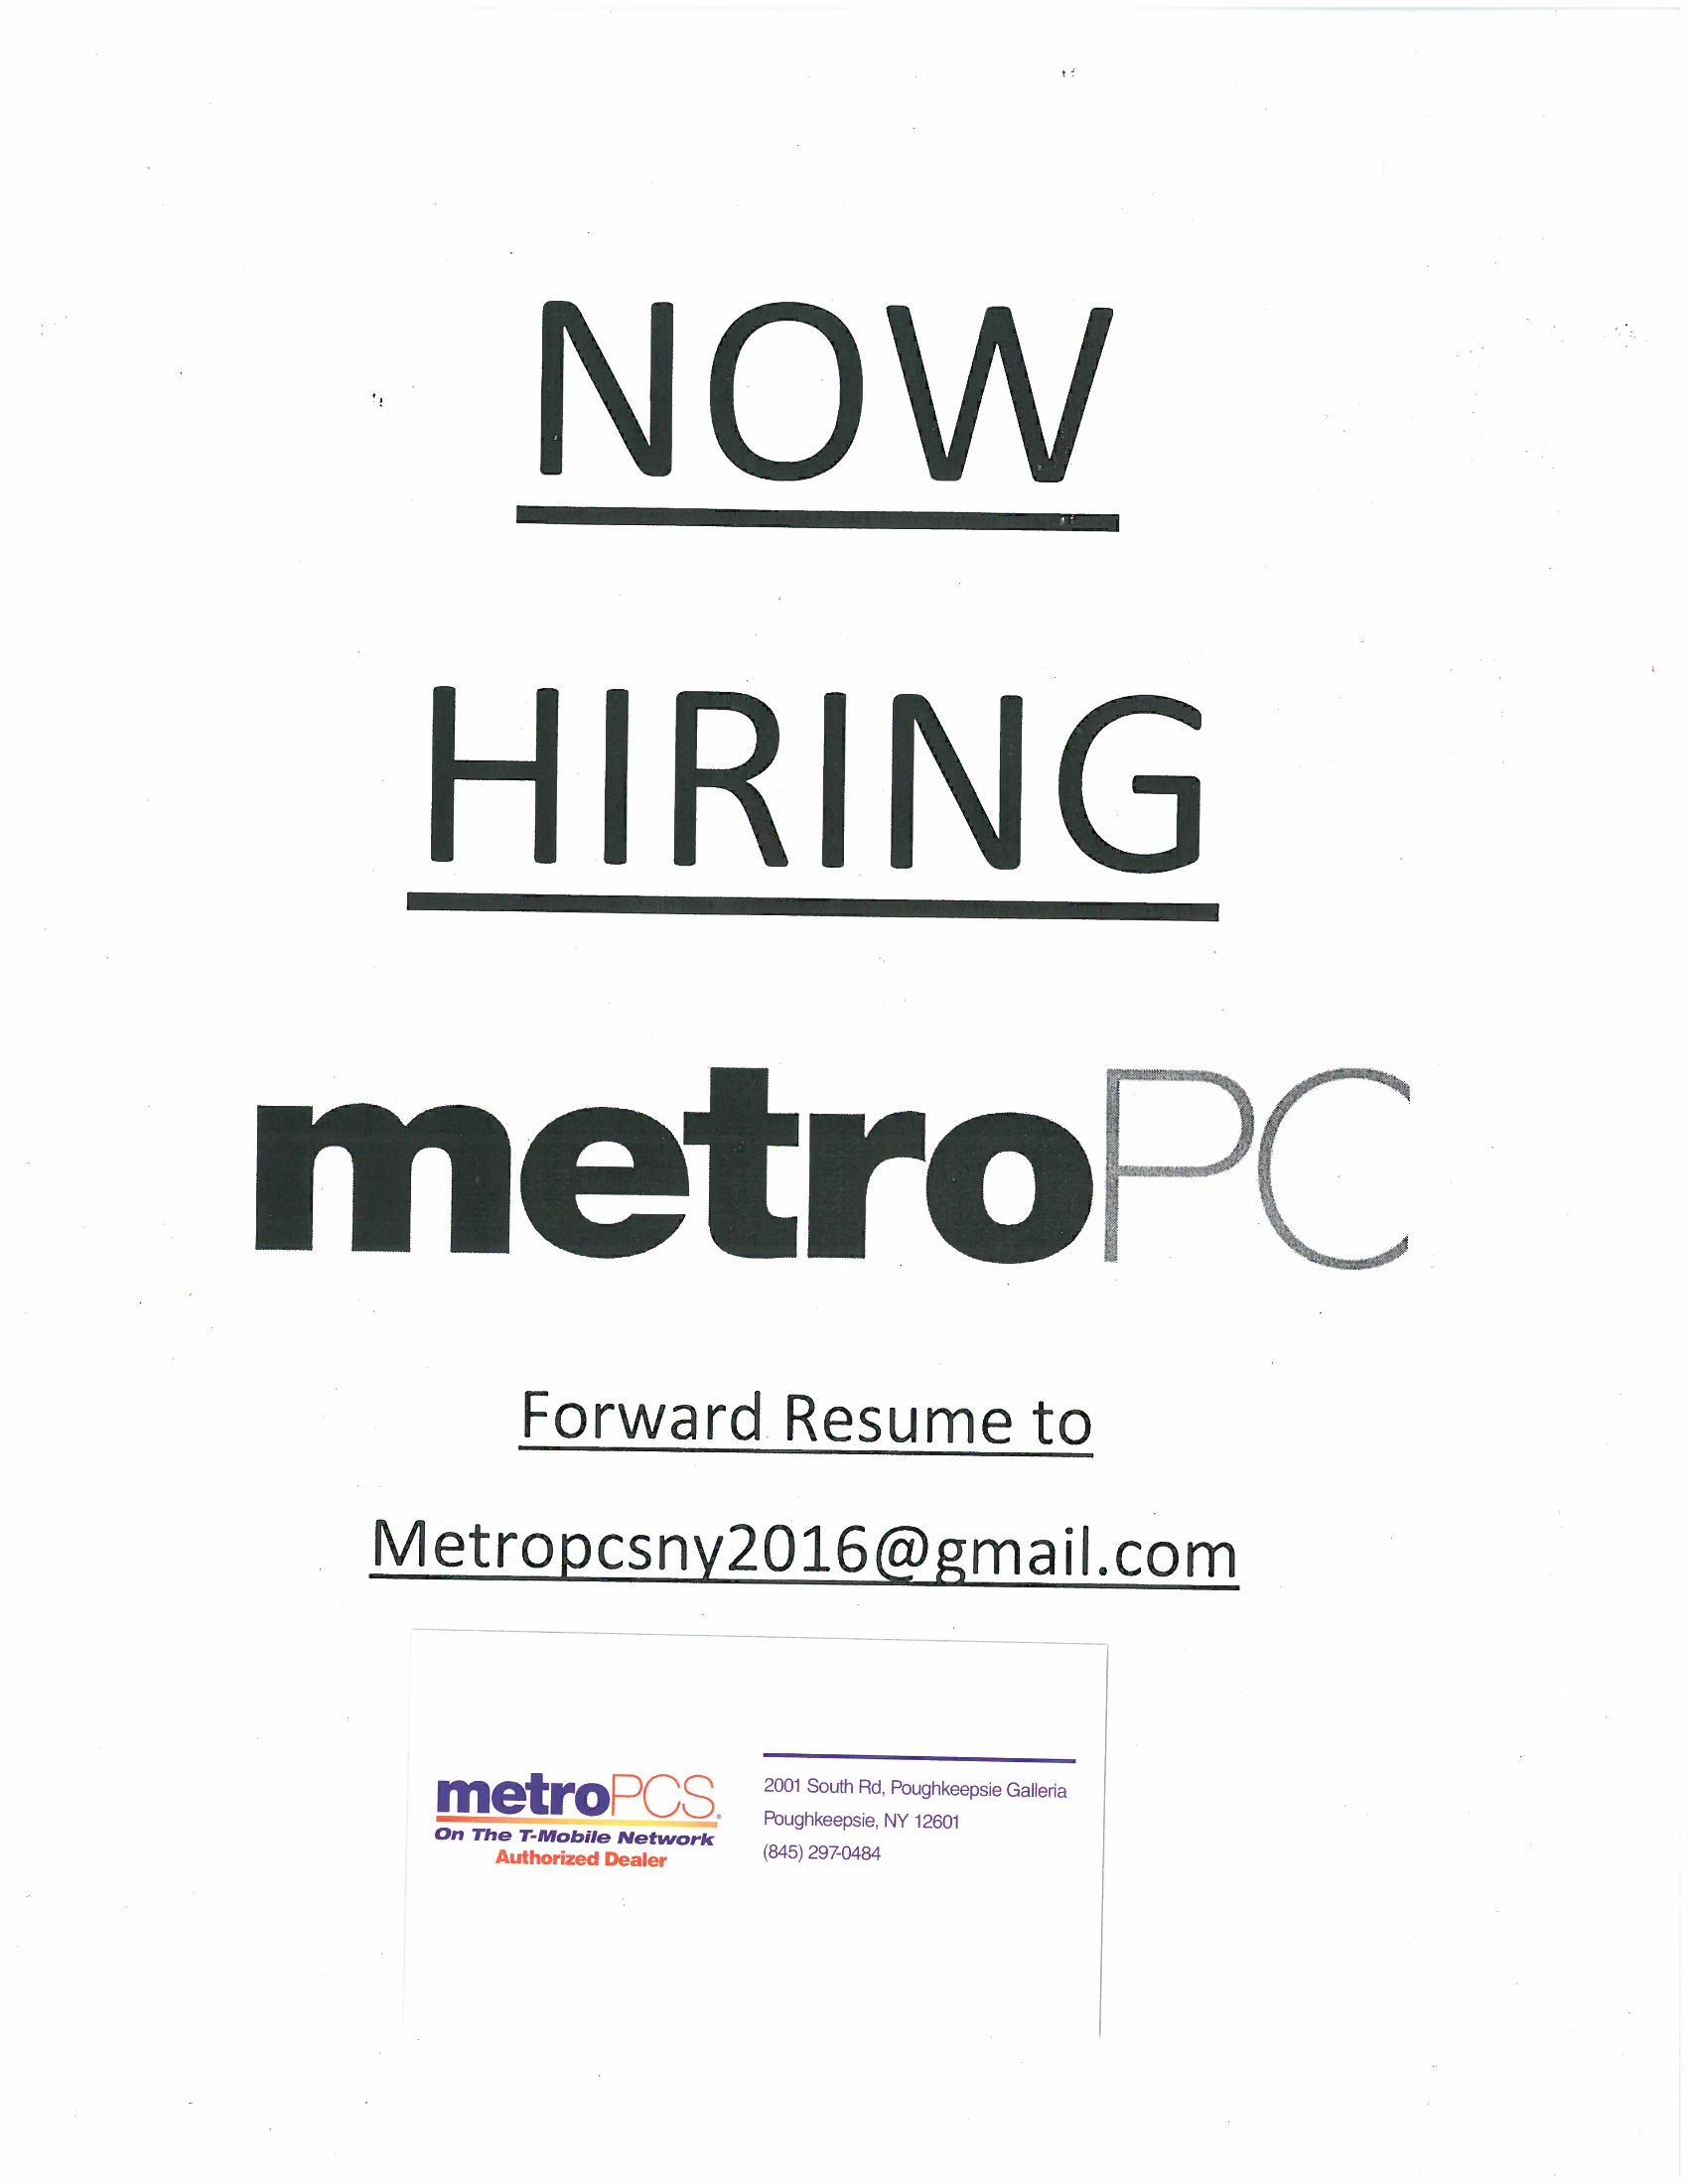 metro pcs poughkeepsie galleria